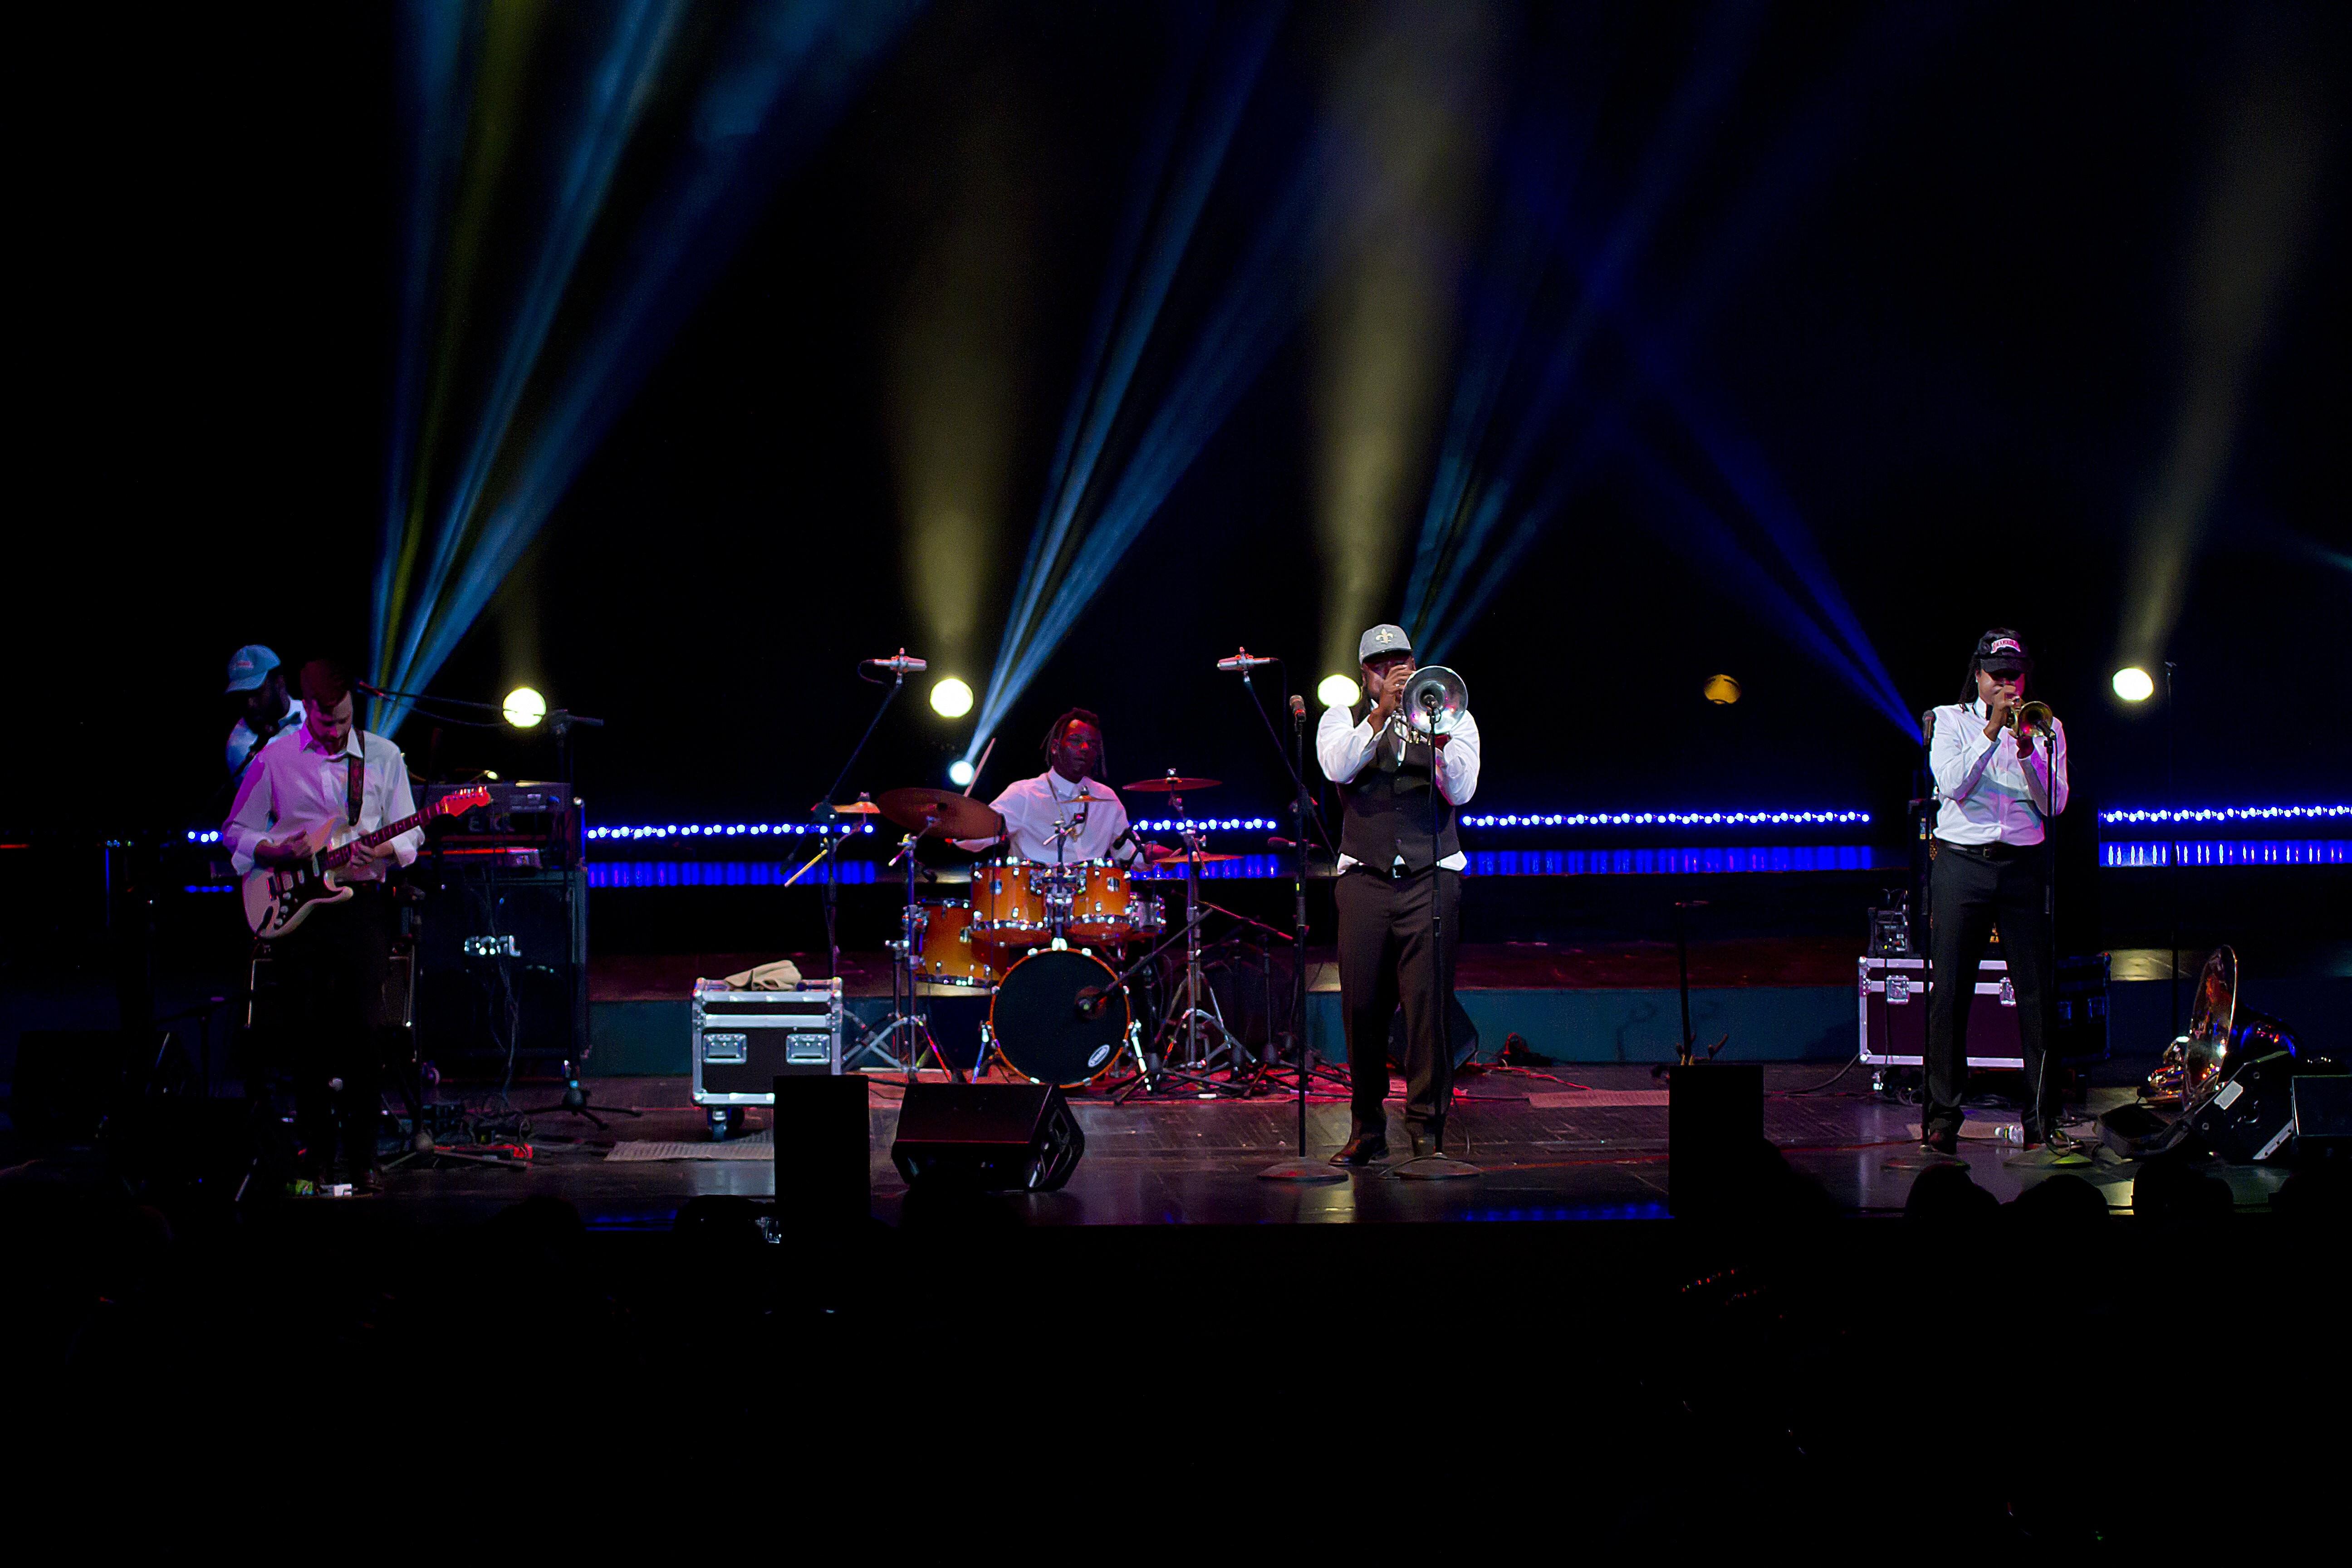 С 24  по 28 октября в Астрахани проходит третий Международный фестиваль «Дельта-джаз»